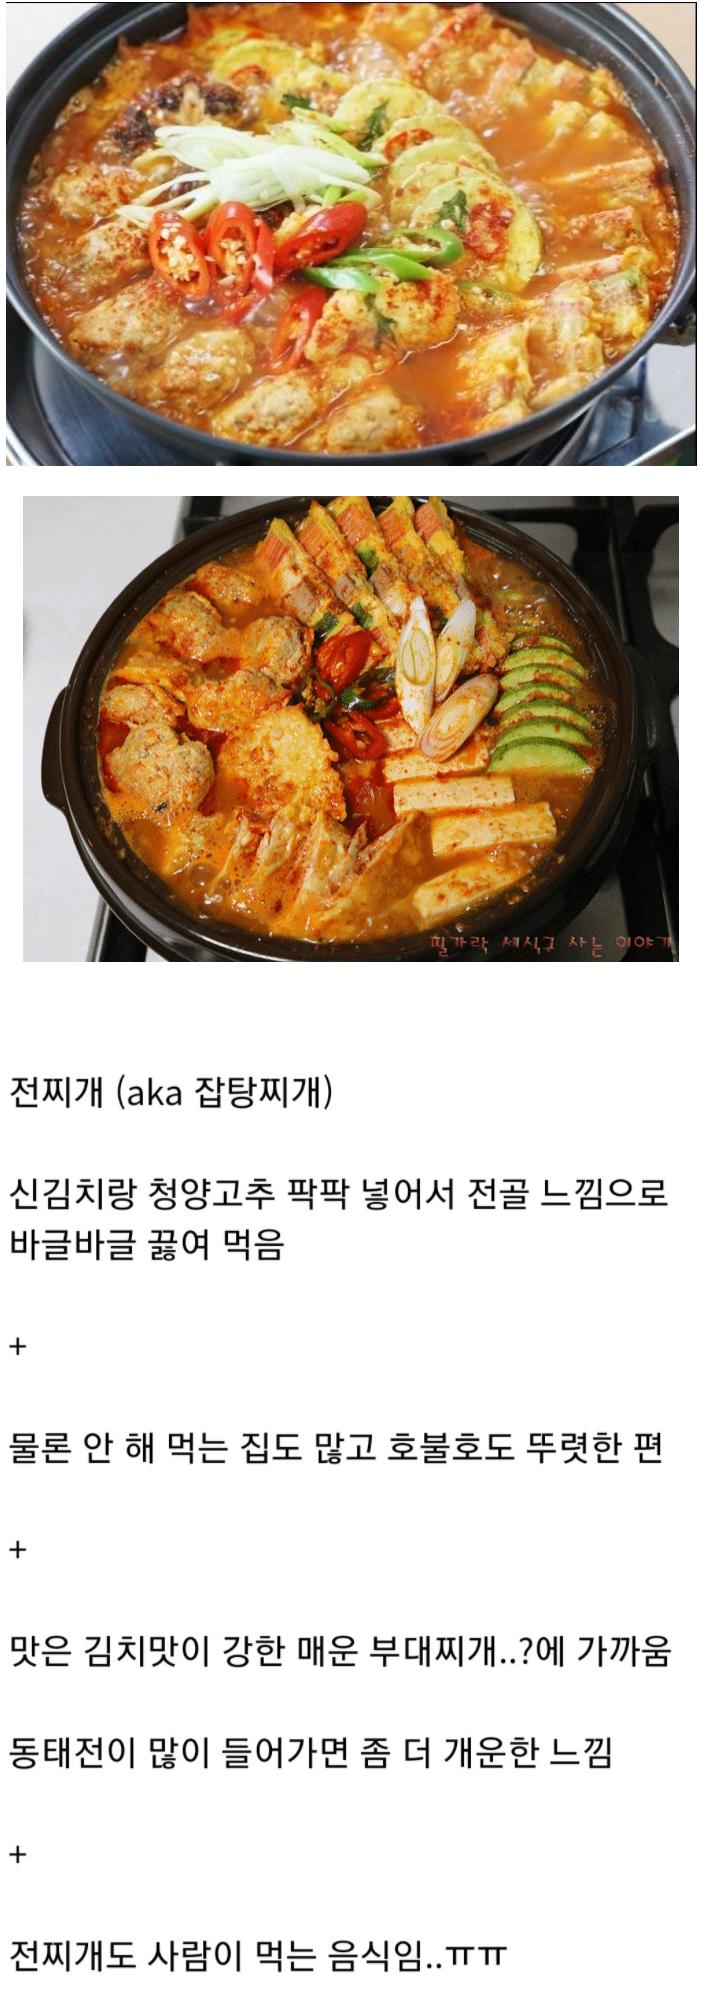 1632315603.png 대한민국 가정집 내일 저녁밥상